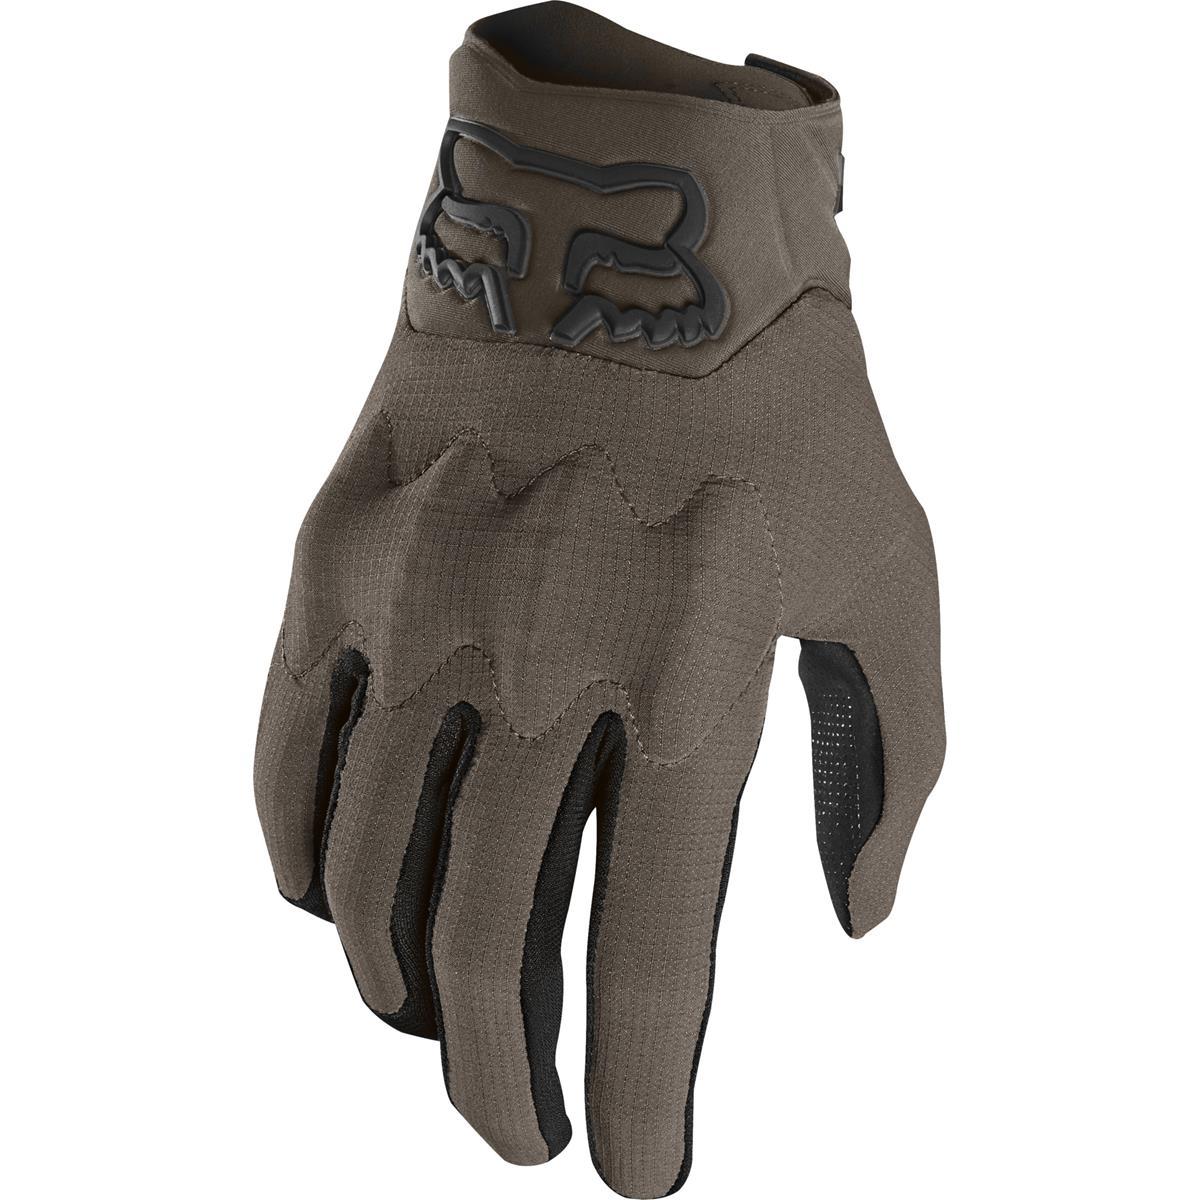 Fox Bike-Handschuhe Defend D3O Dirt